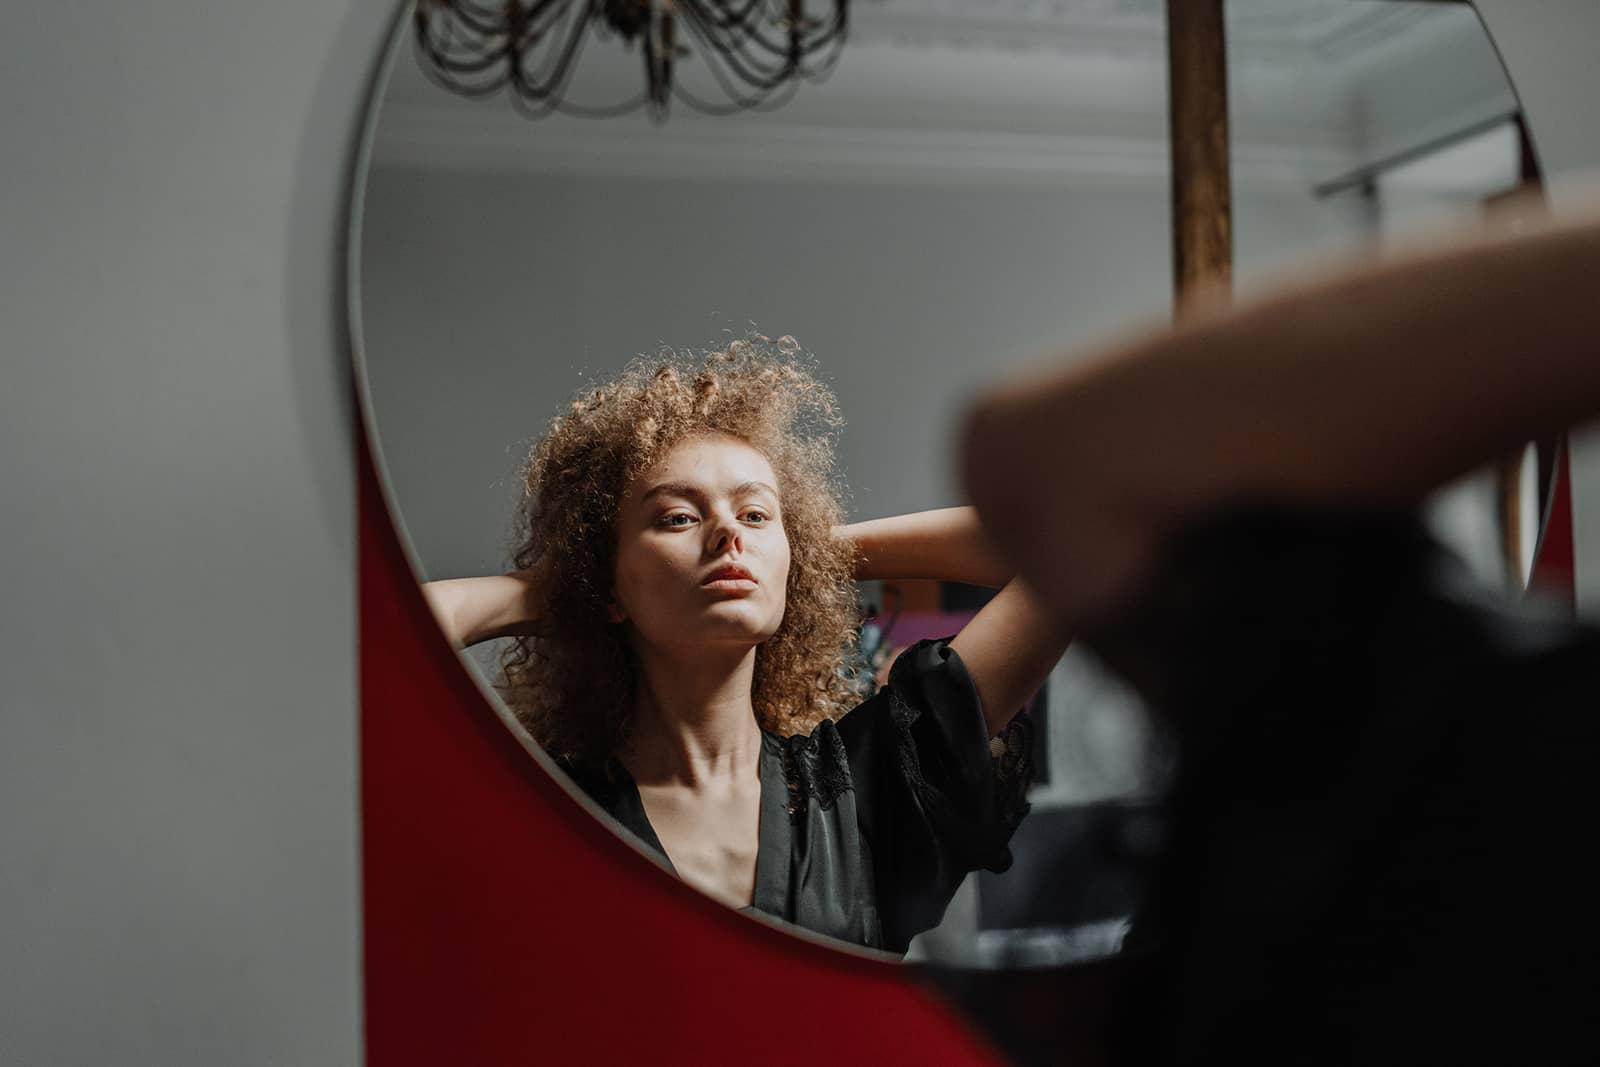 une femme confiante debout devant le miroir et se regardant